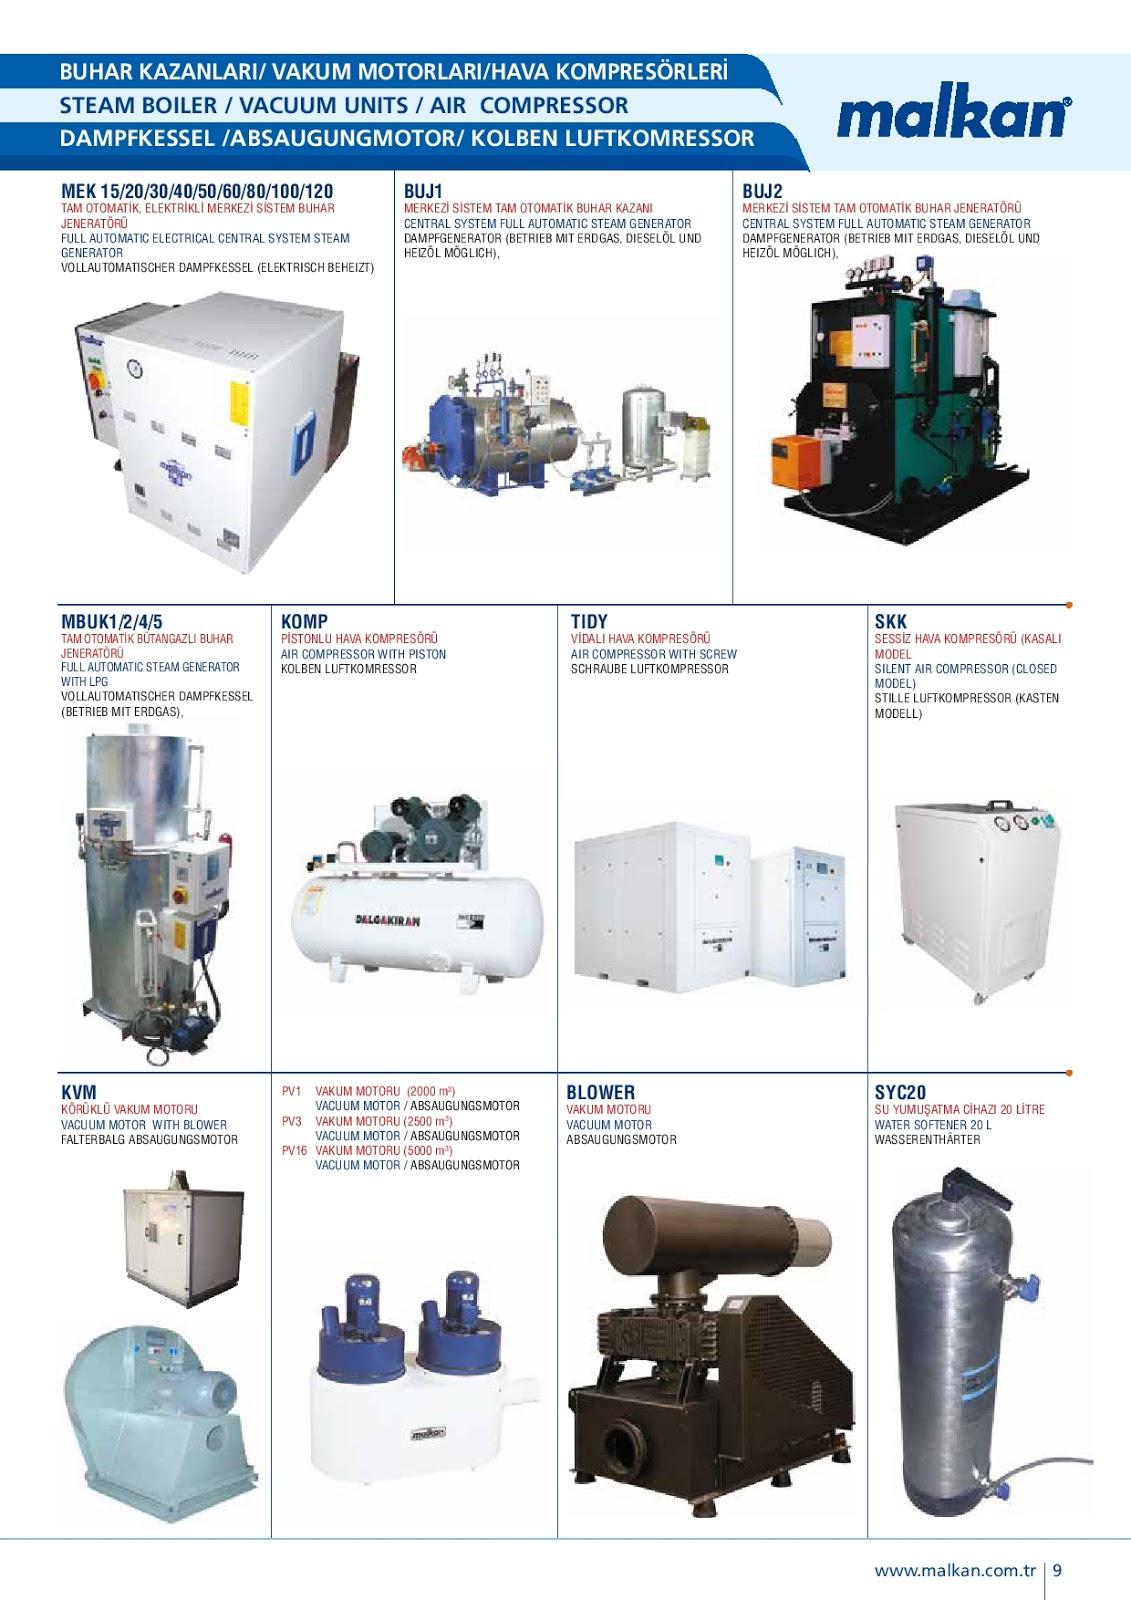 Nồi hơi, máy nén khí, hệ thống xử lý nước cứng